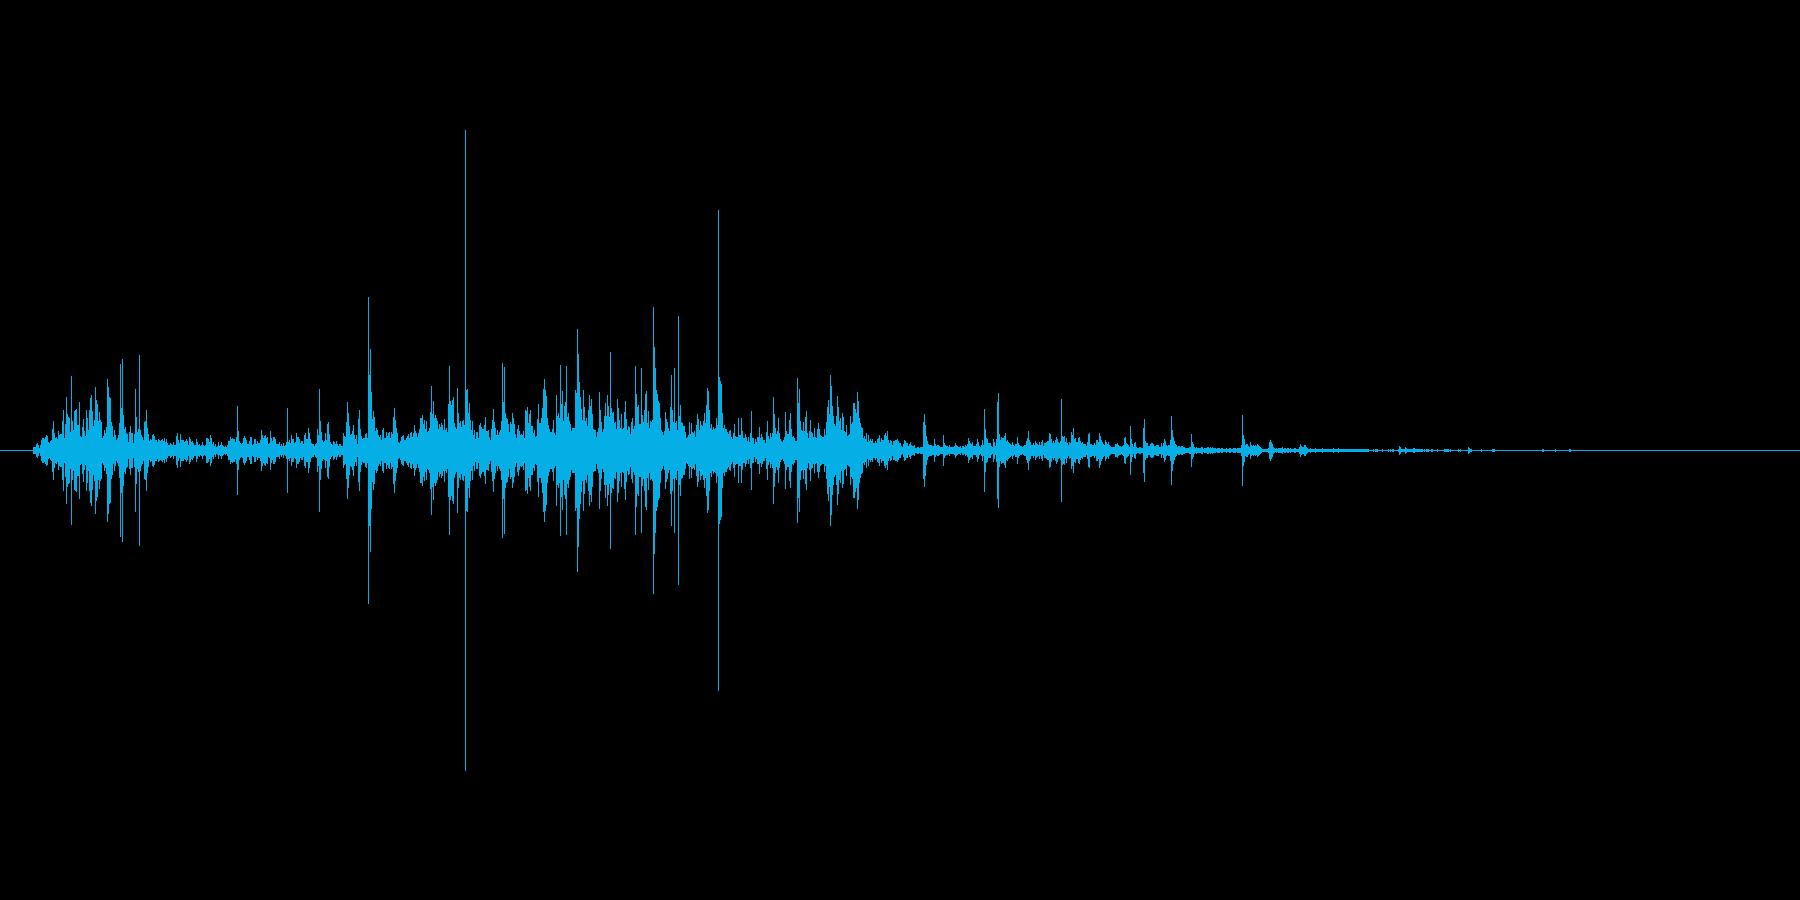 ゴミ袋をあさる音「ガサッ」の再生済みの波形